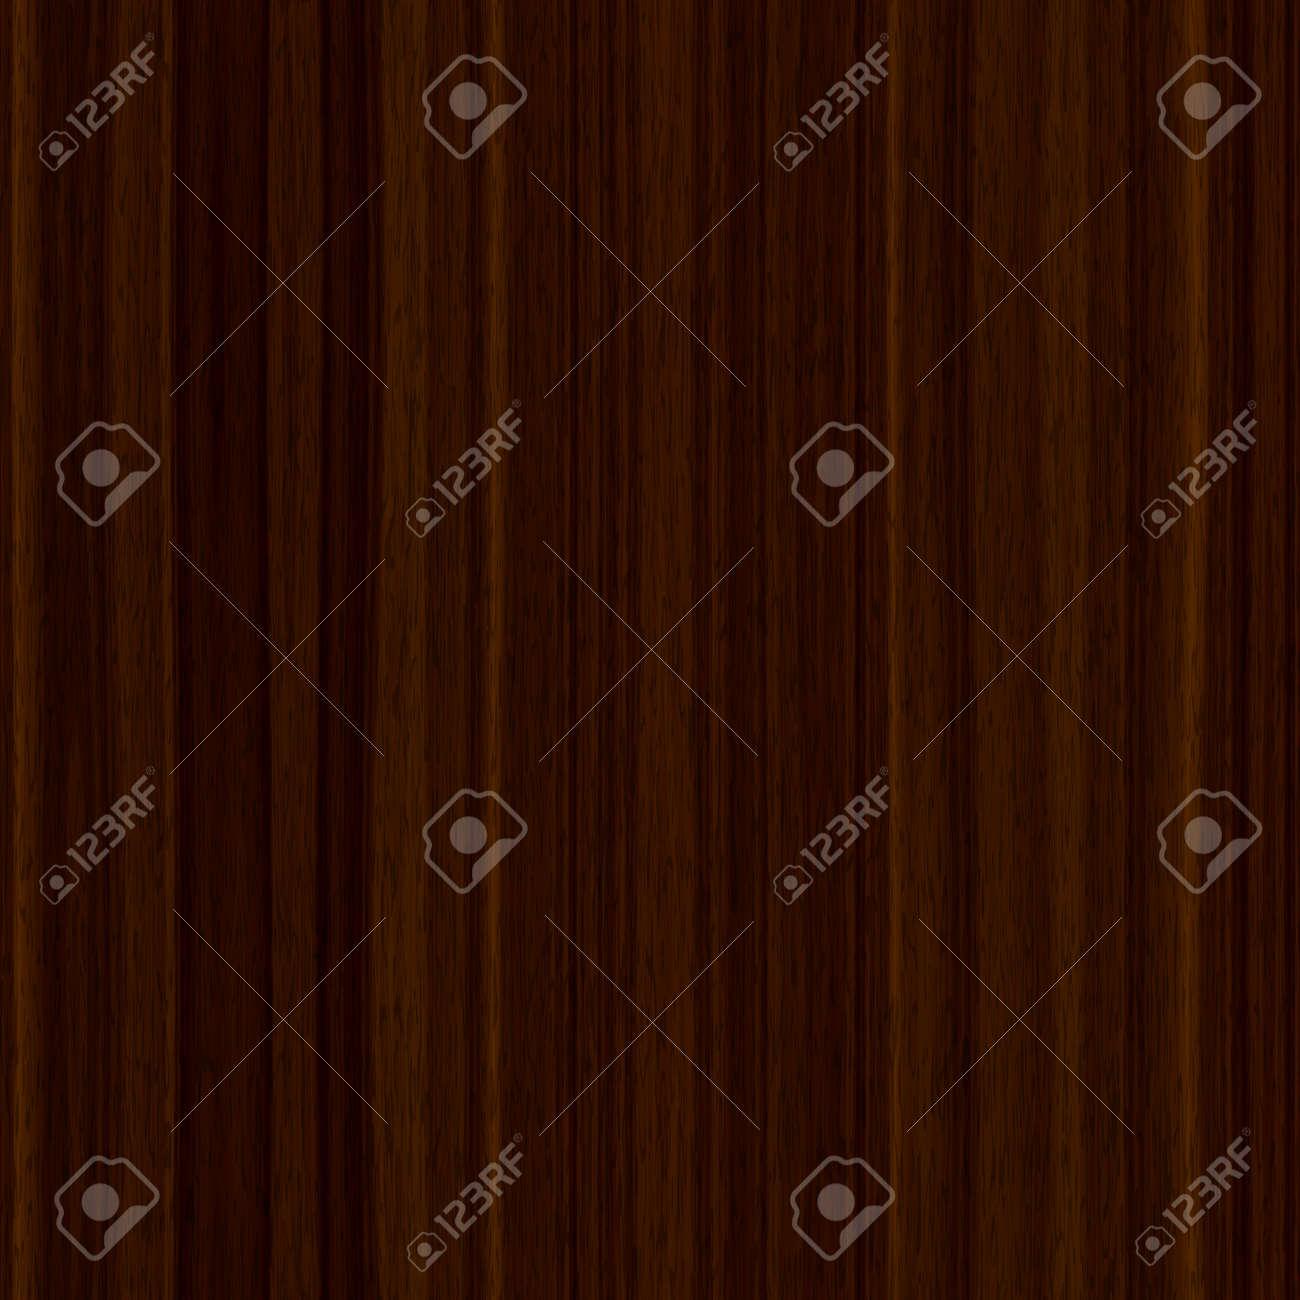 dark hardwood background. High Quality Resolution Seamless Wood Texture. Dark Hardwood Part Of Parquet. Wooden Striped Background